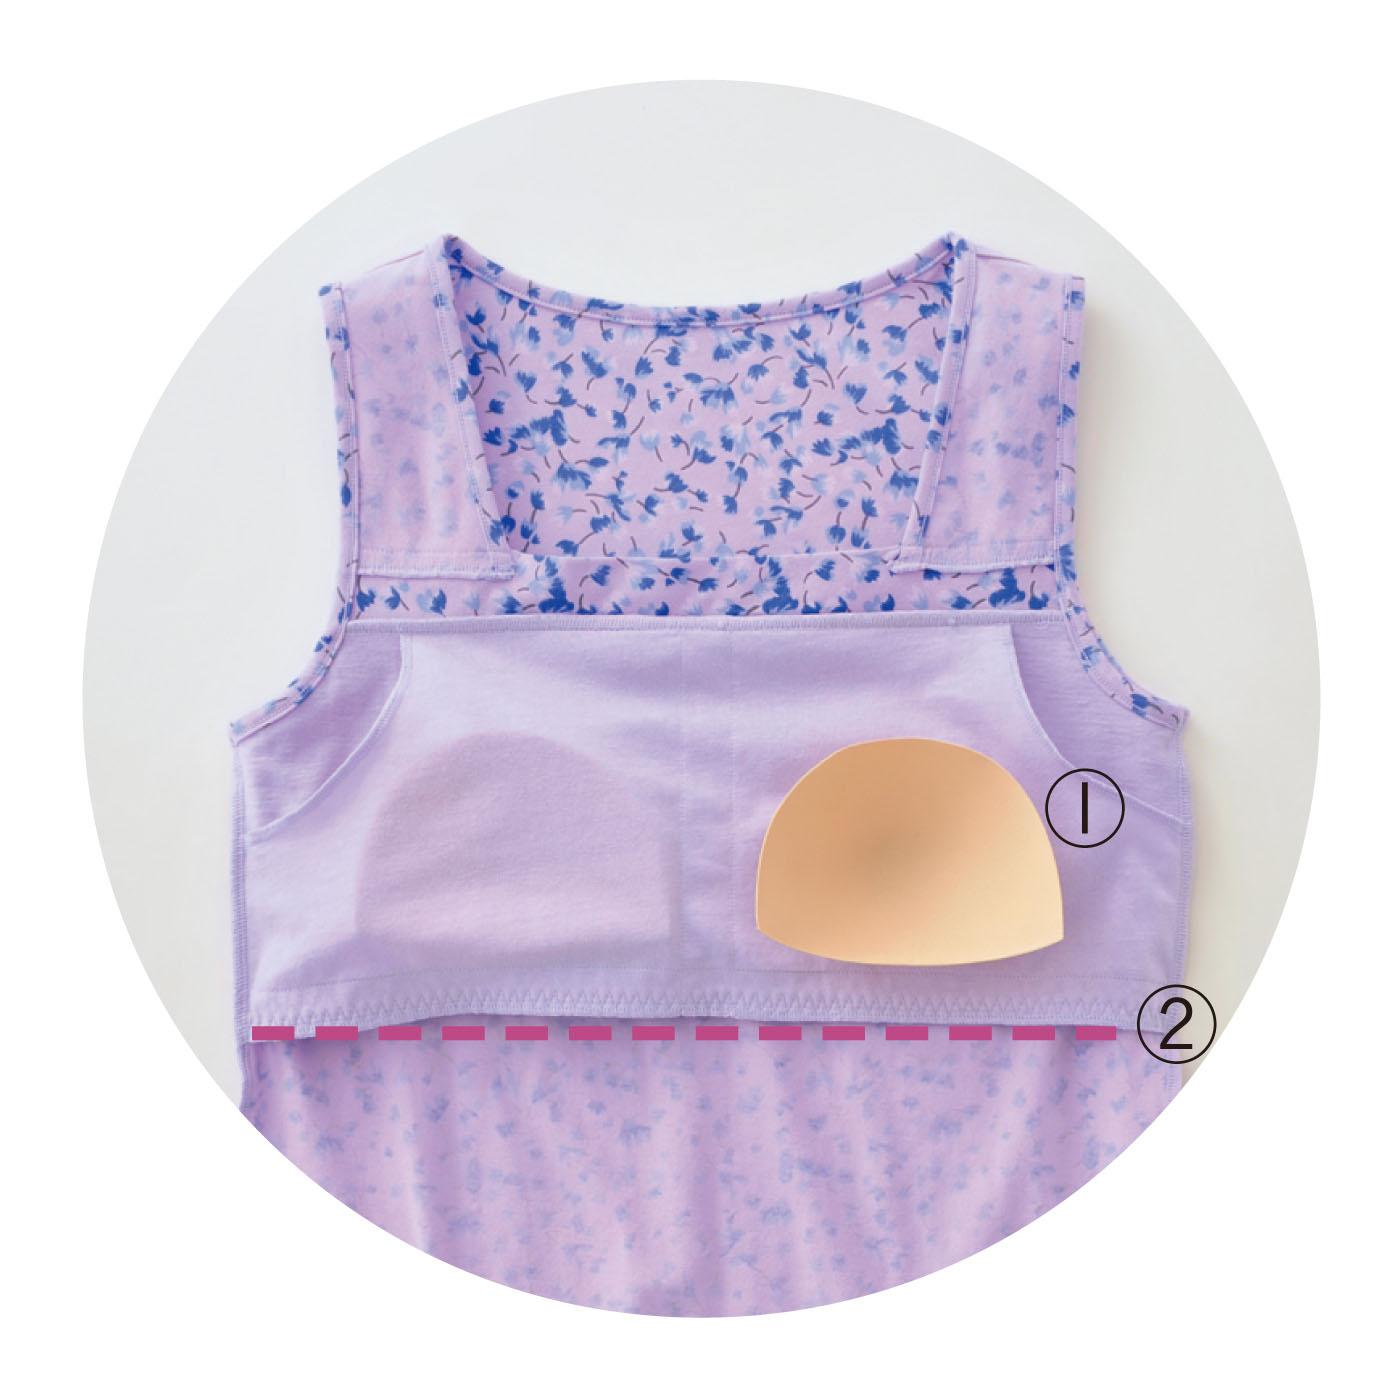 ①ブラなしでもバストトップの心配を解消するパッド入り。 ②パッド袋のずり上がり防止に、パッドの袋アンダー部分のみゴム入り。ゴムが肌に当たらない仕様なので快適。